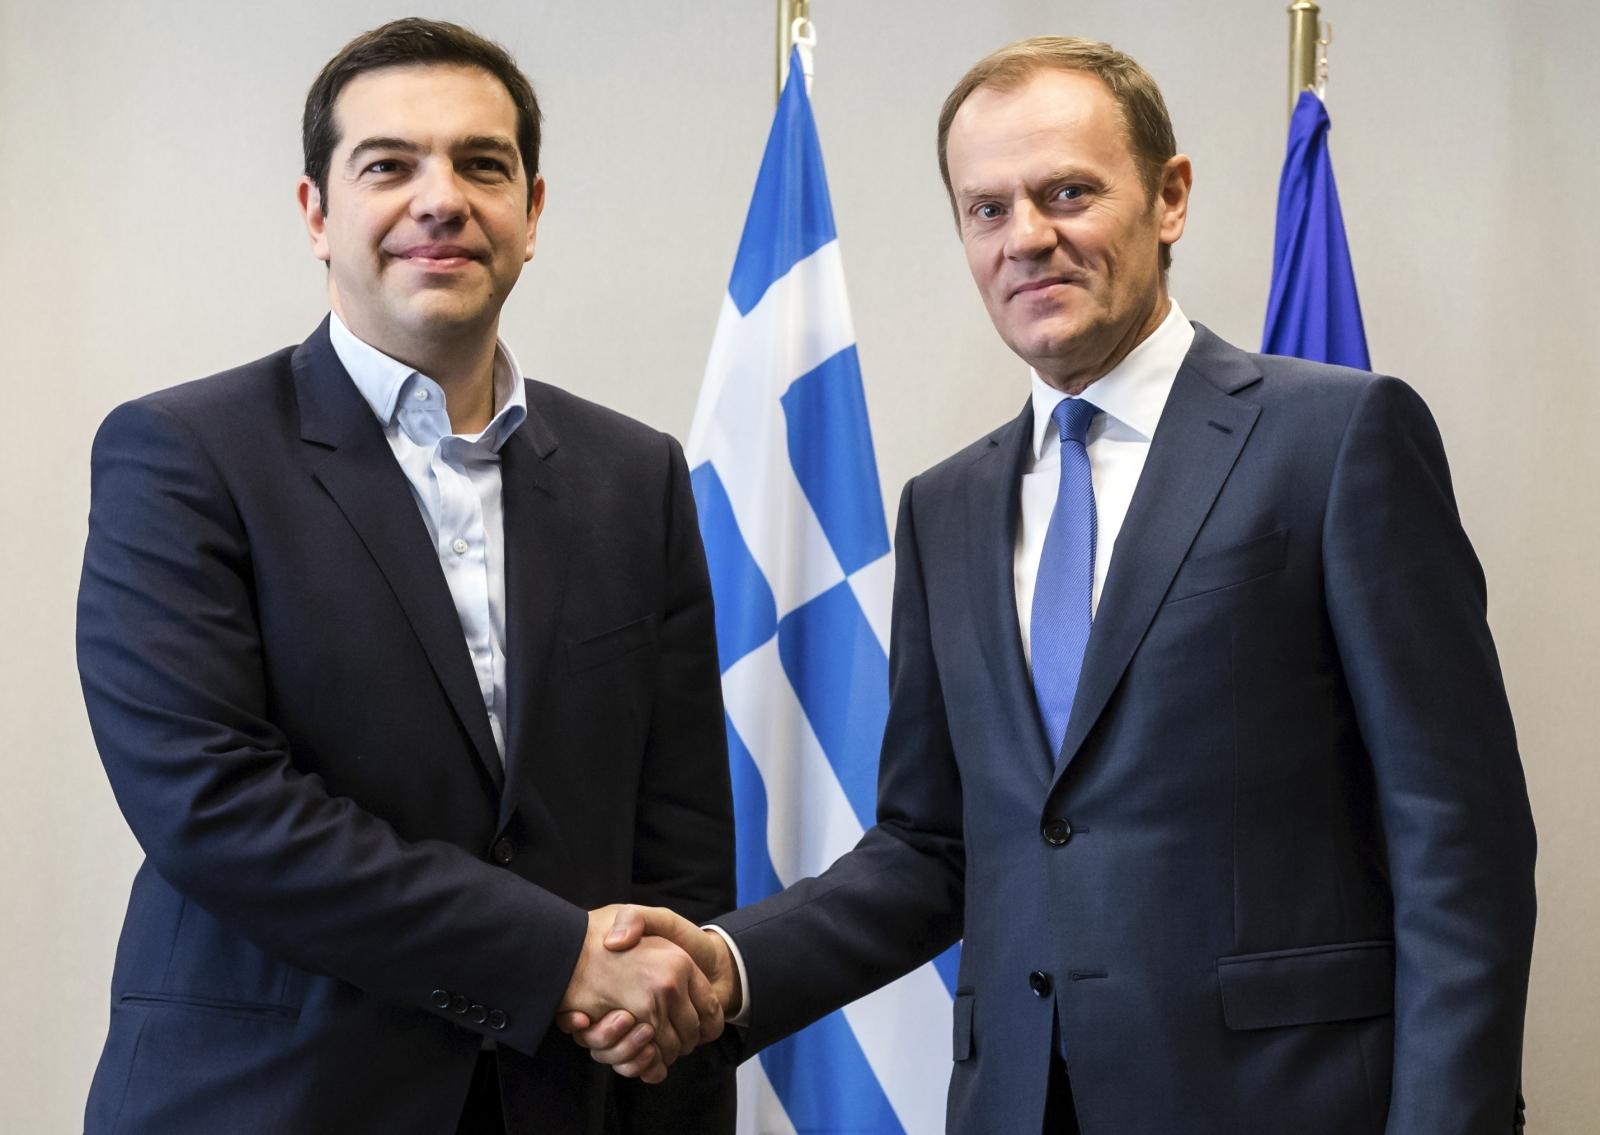 Alexis Tsipras Donald Tusk